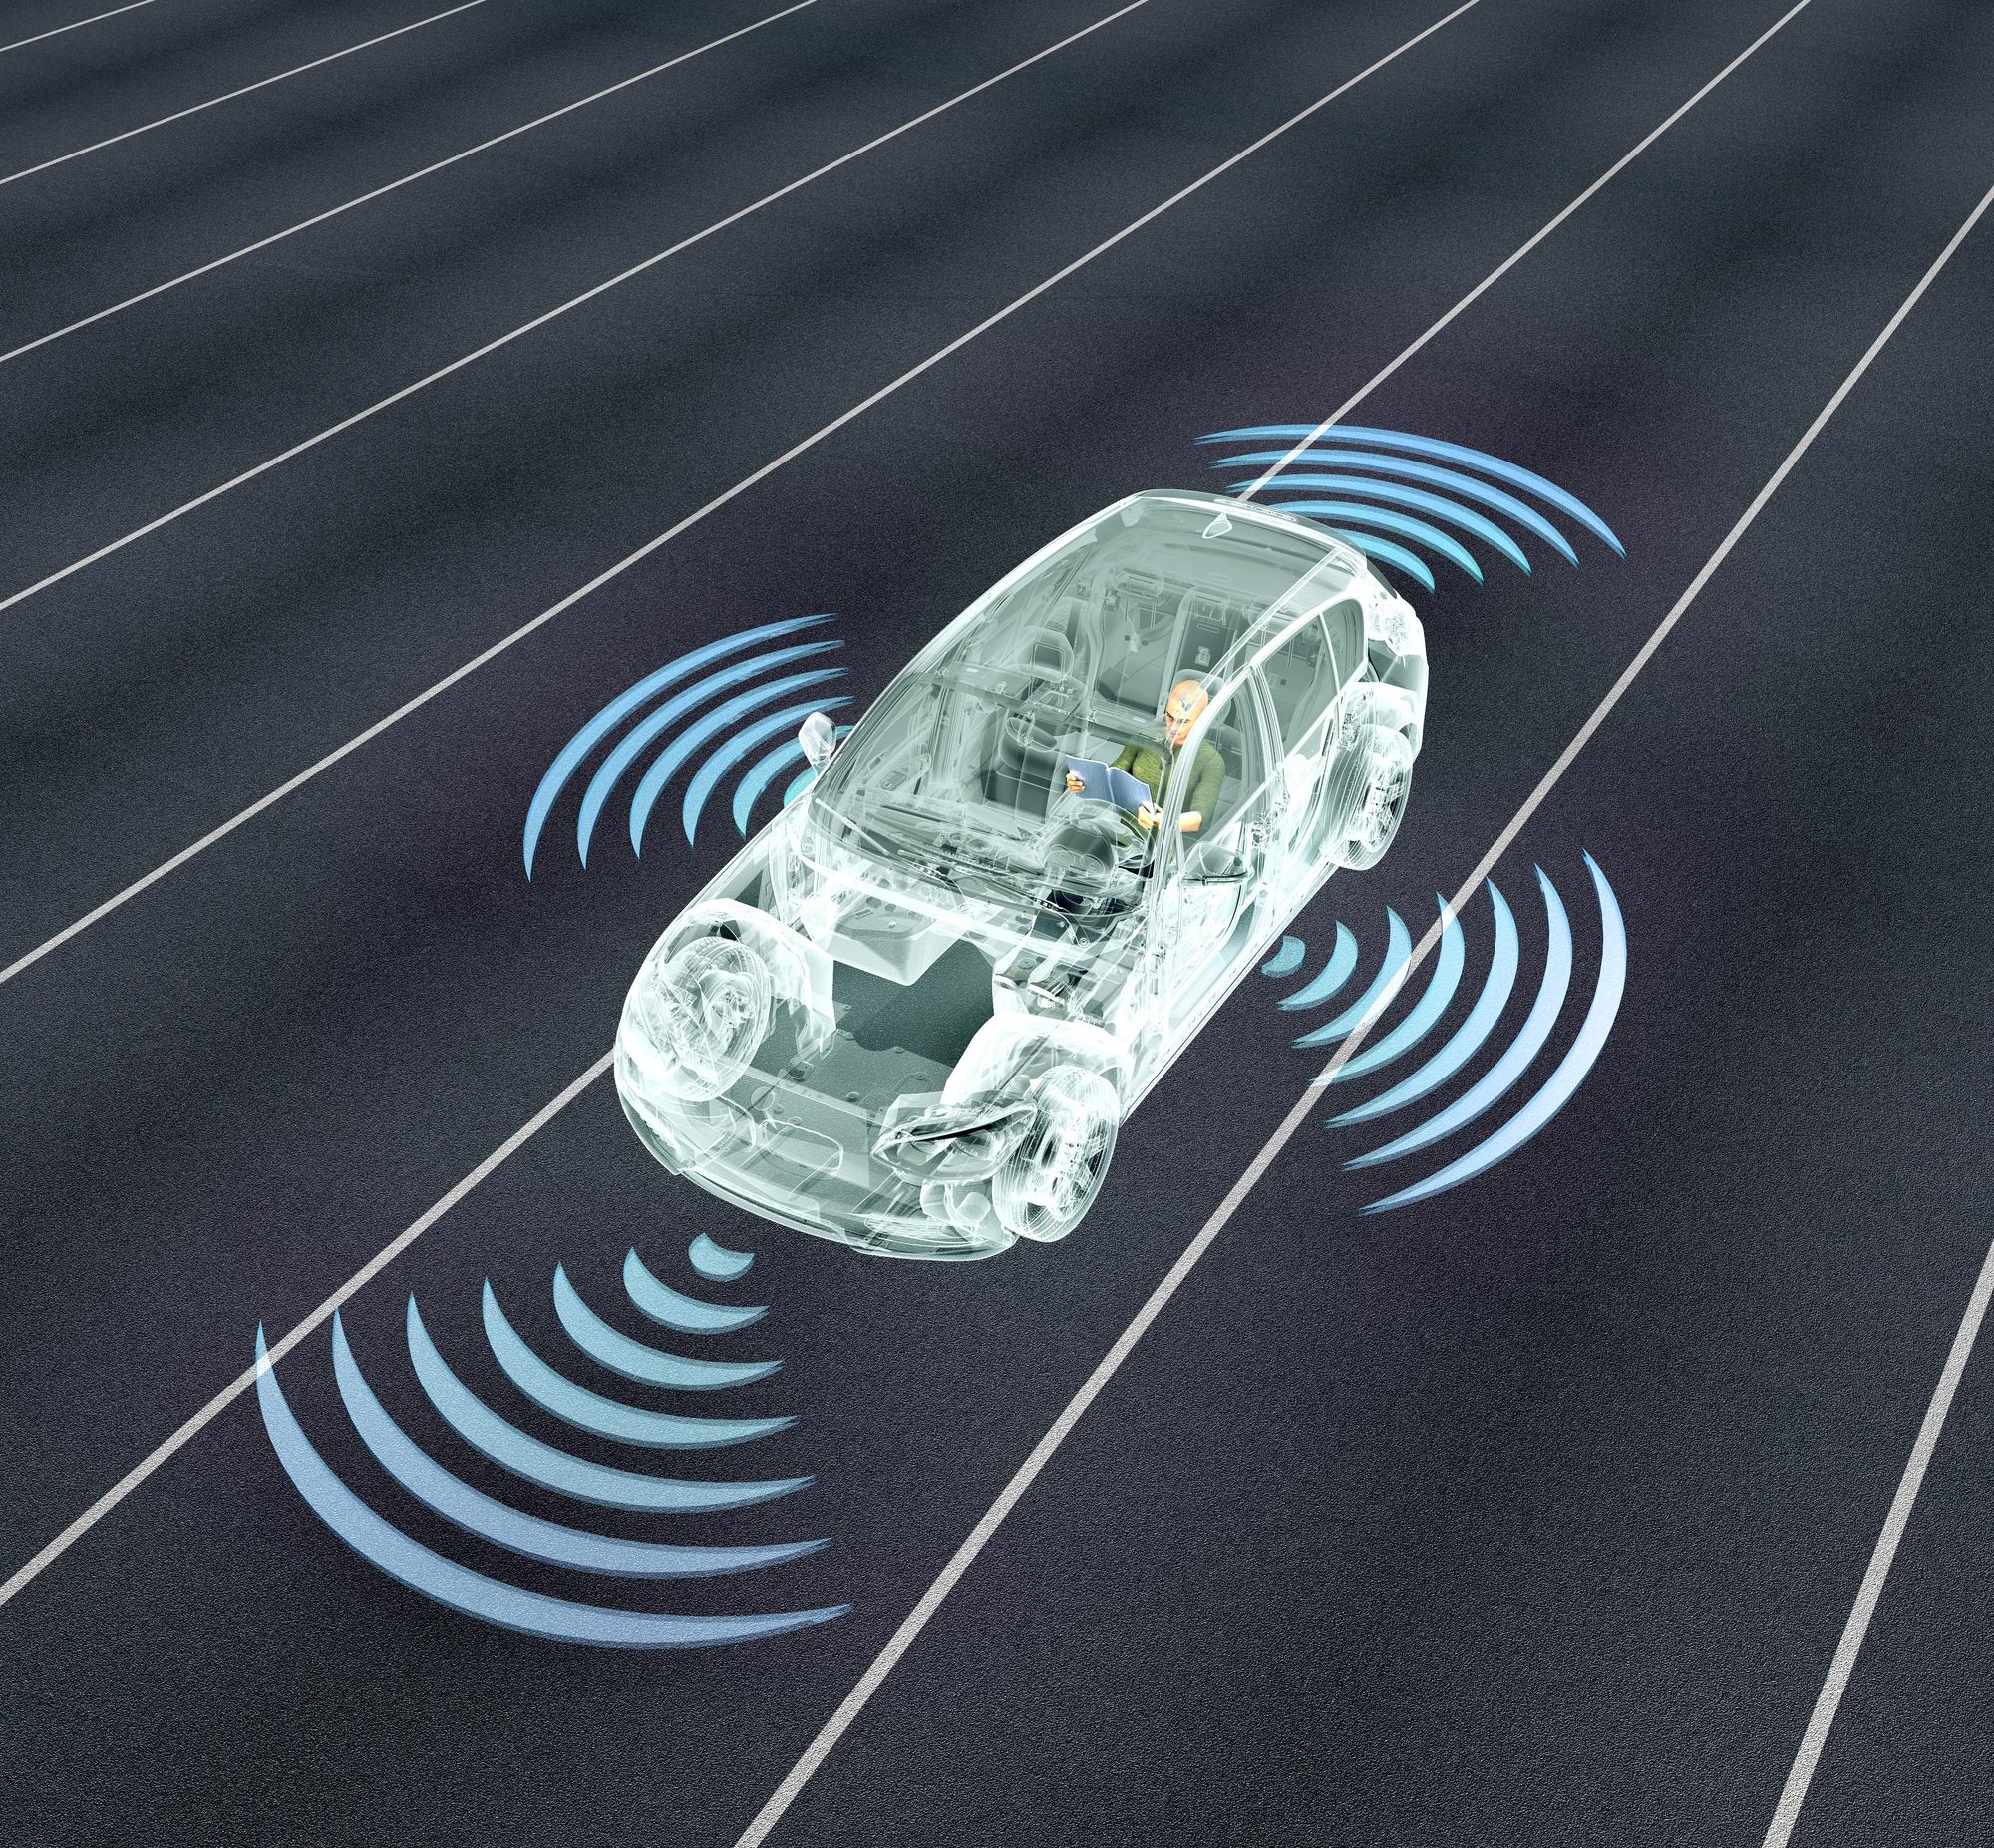 מכונית אוטונומית תכלול מרכז נתונים עצמאי. אילוסטרציה: depositphotos.com